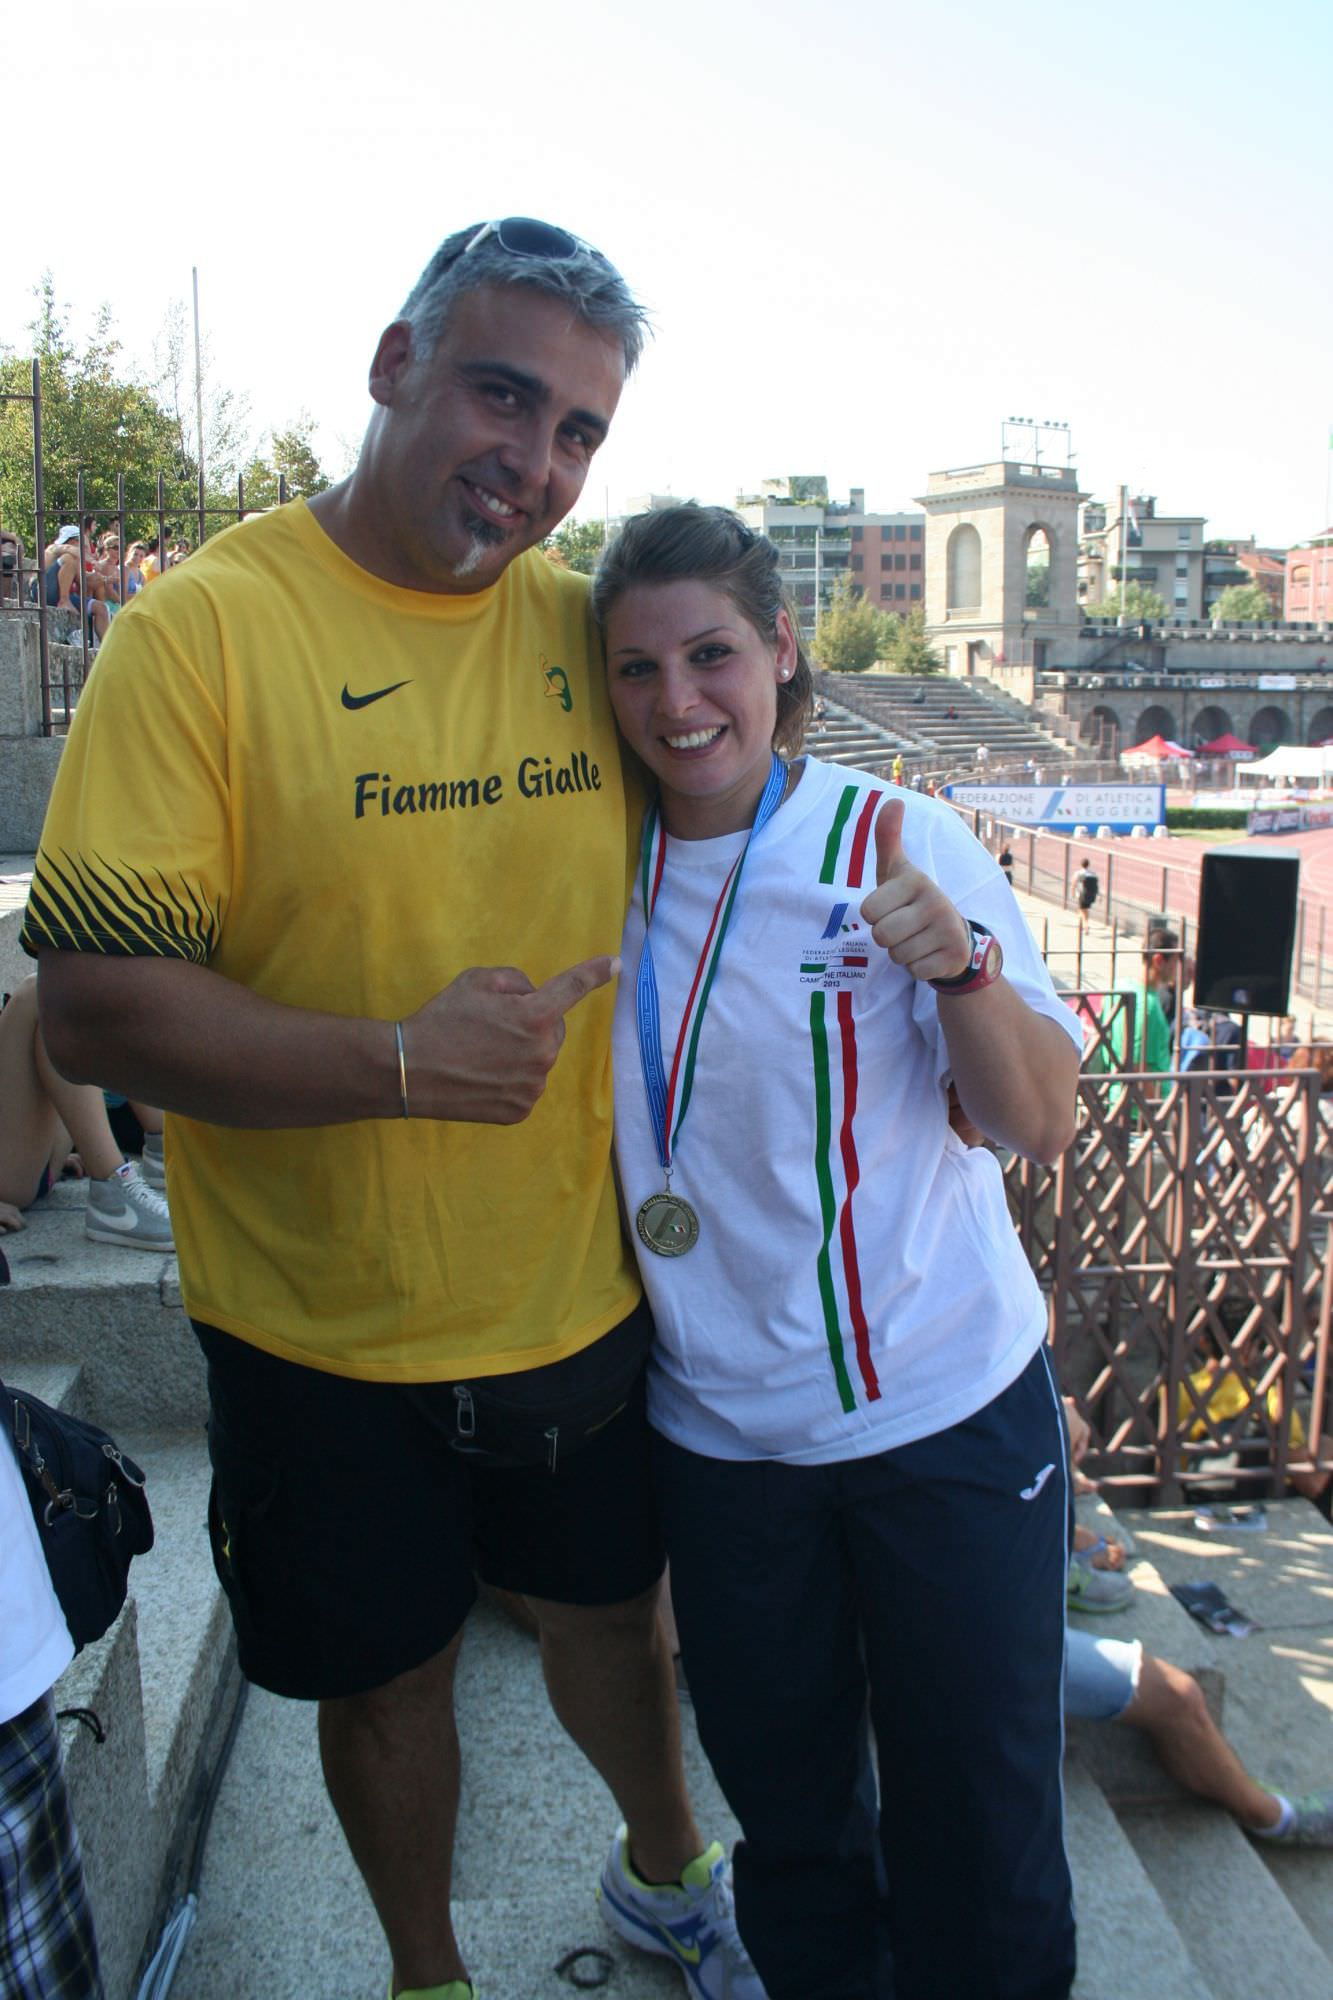 Atletica leggera, Vizzoni trionfa ai campionati italiani nel lancio del martello